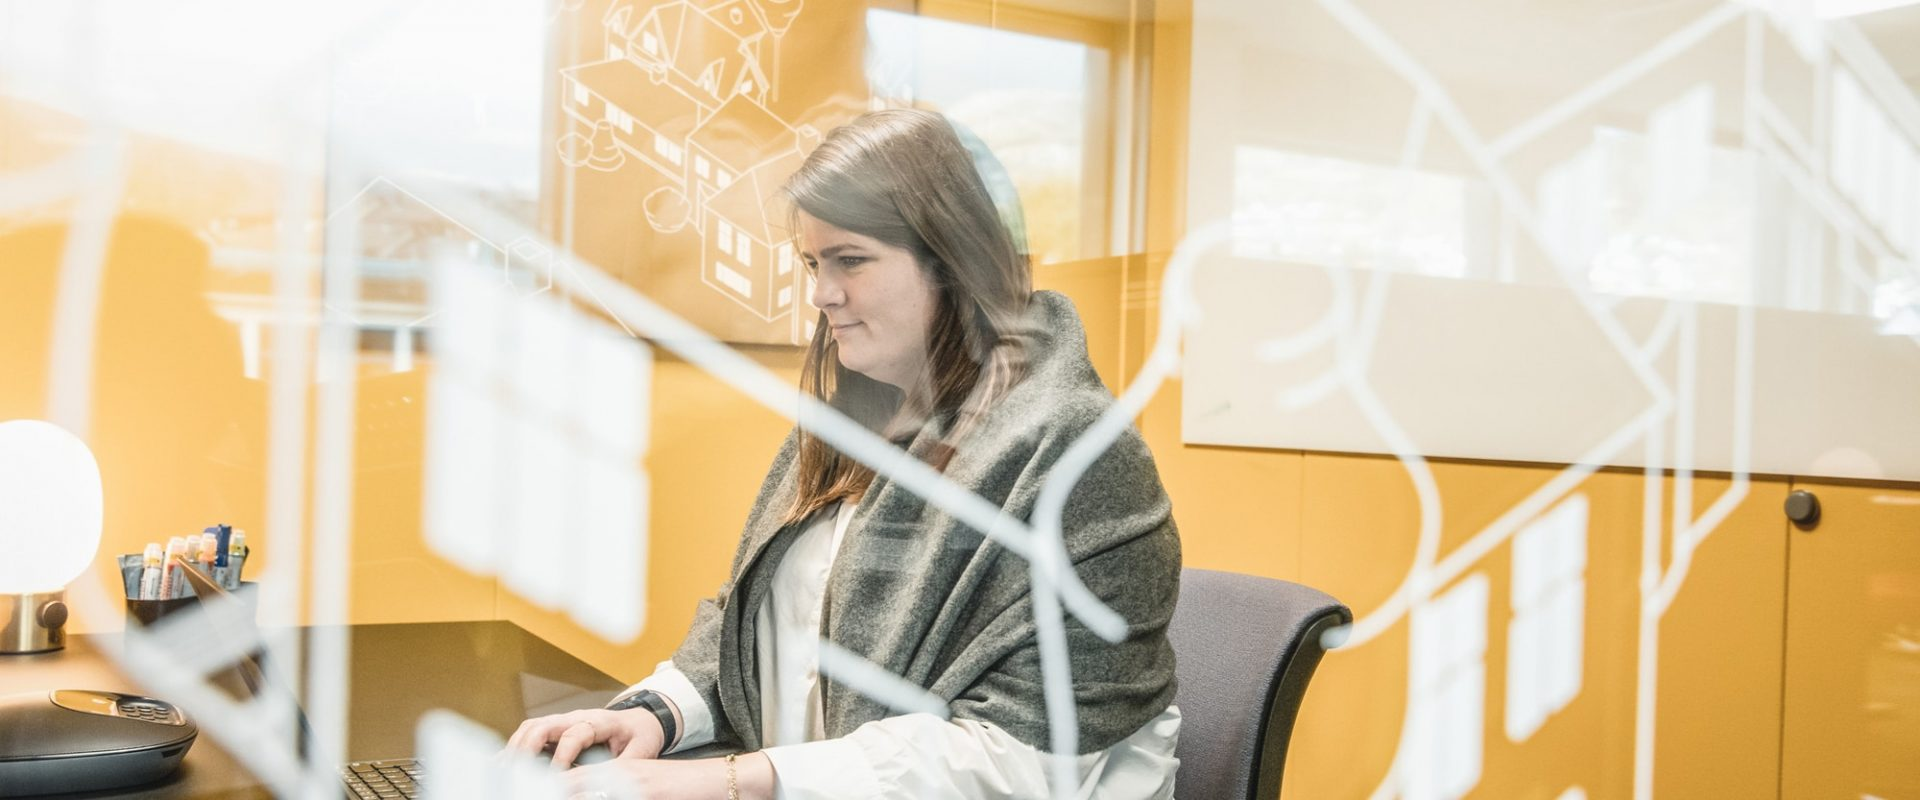 Kvinnelig kollega som jobber foran pc i Inventuras møterom. Selskapet bistår blant annet med verdikjedeutvikling